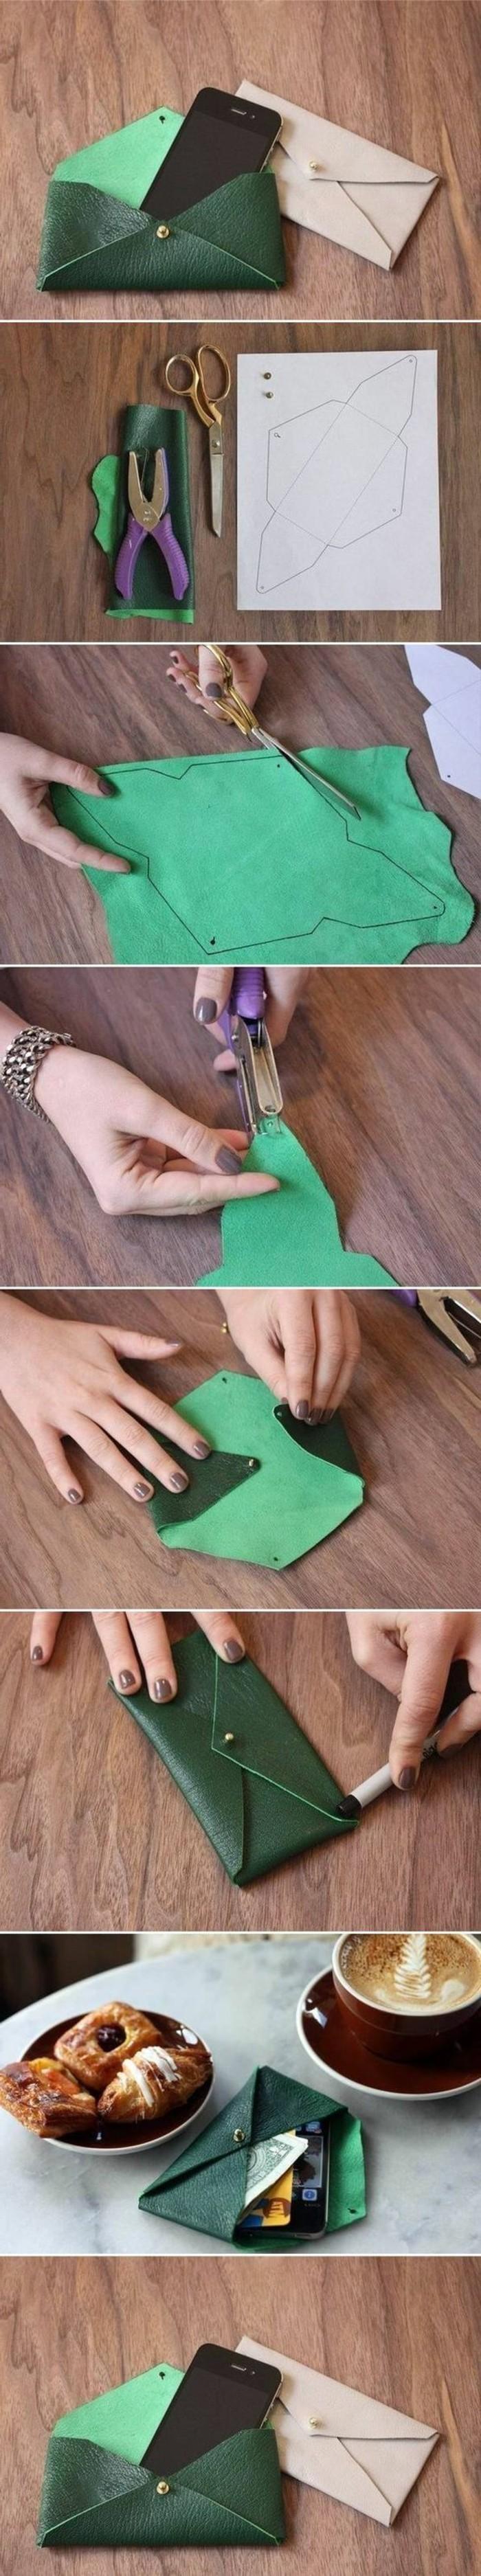 tuto-pochette-en-cuir-vert-idée-comment-faire-une-pochette-étapes-de-la-réalisation-porte-monnaie-facile-à-créer